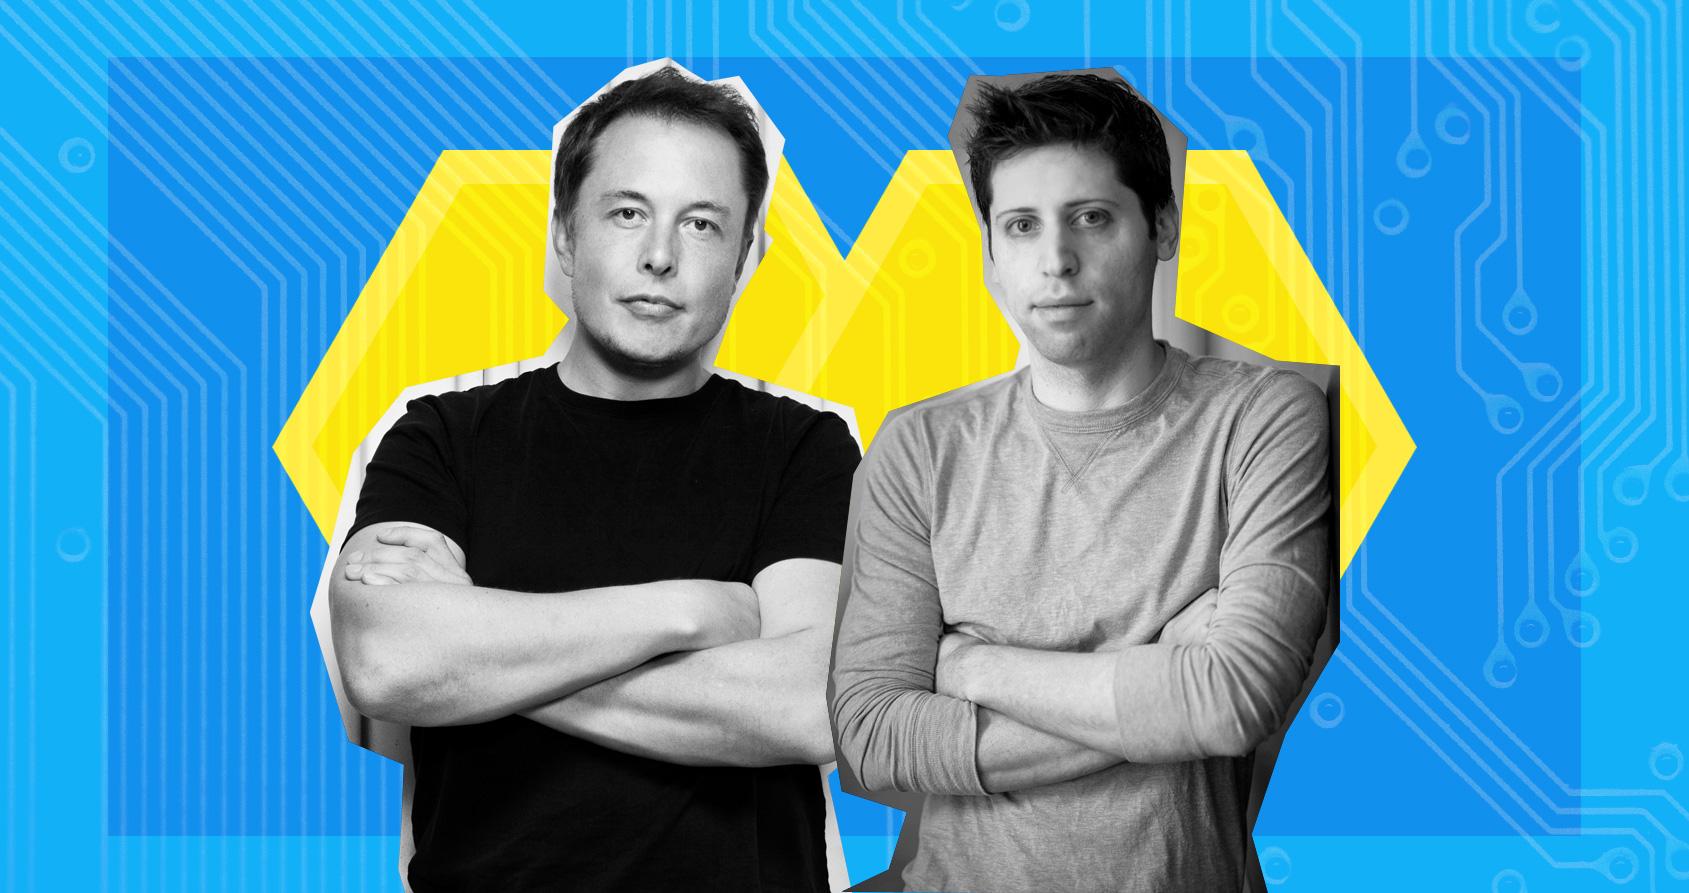 Les tunnels d'Elon Musk : vie et mort des embouteillages